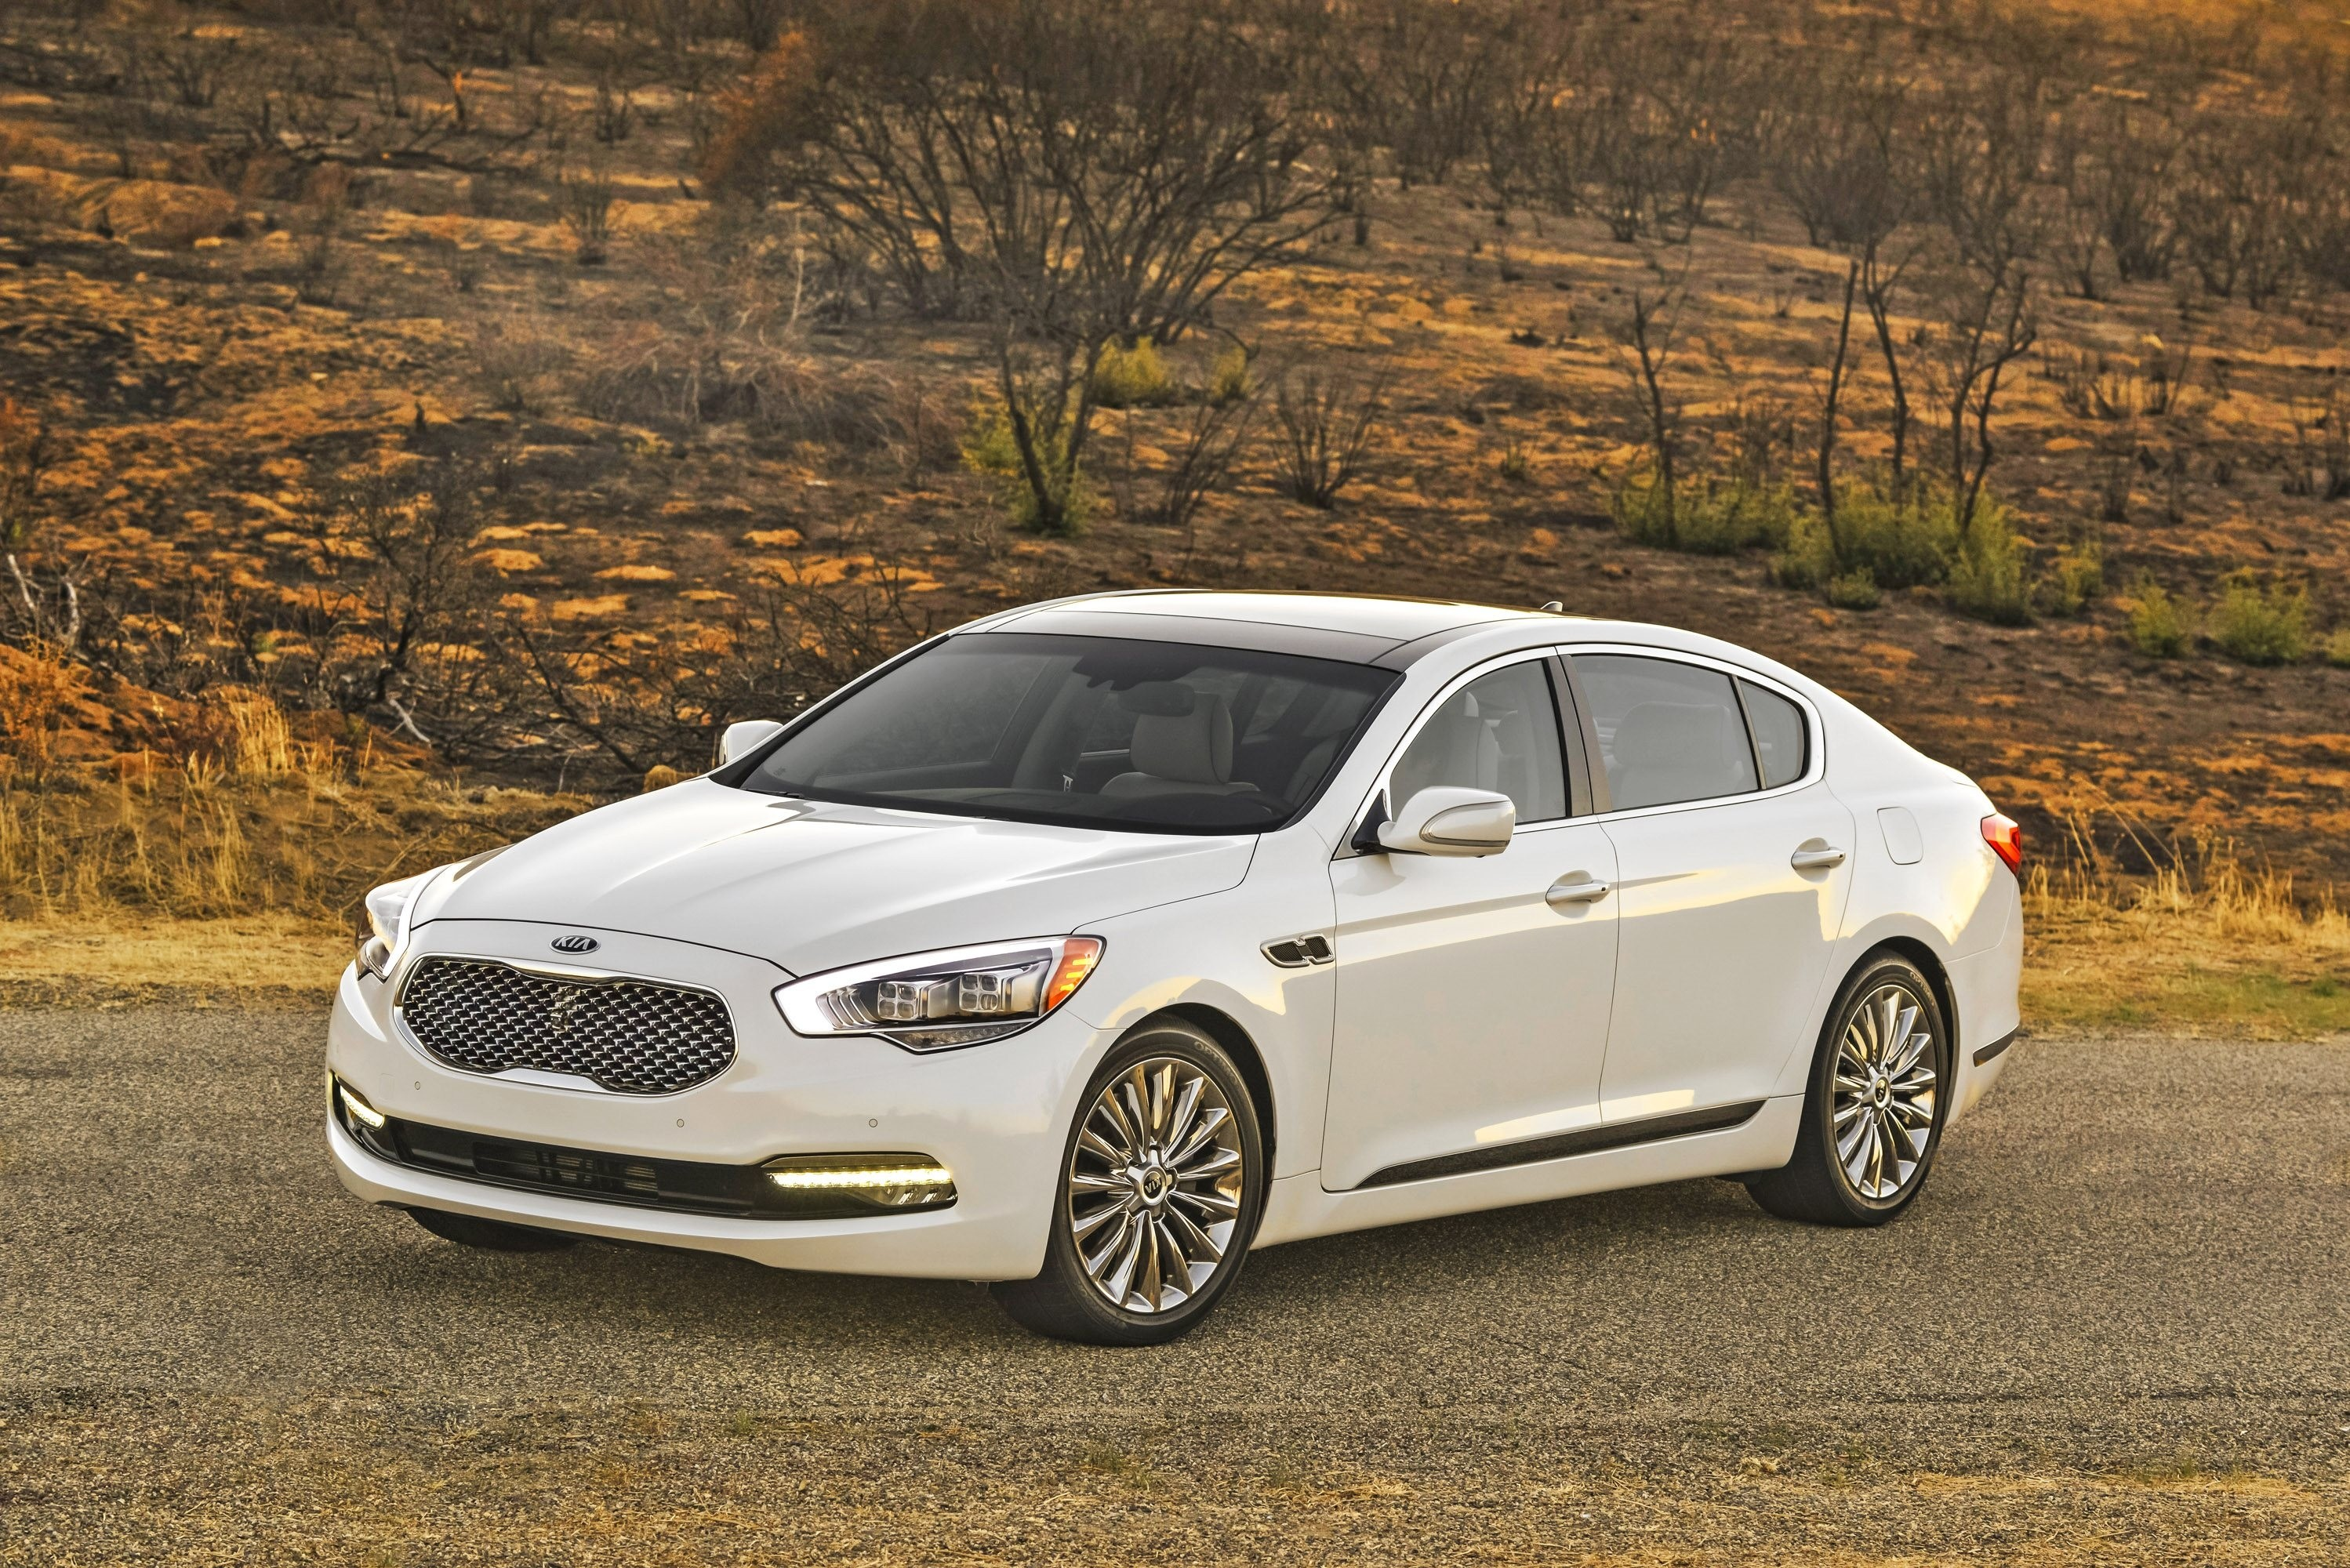 136404 Hintergrundbild herunterladen Kia, Cars, Limousine, 2015, Premiumklasse, Premium-Klasse - Bildschirmschoner und Bilder kostenlos